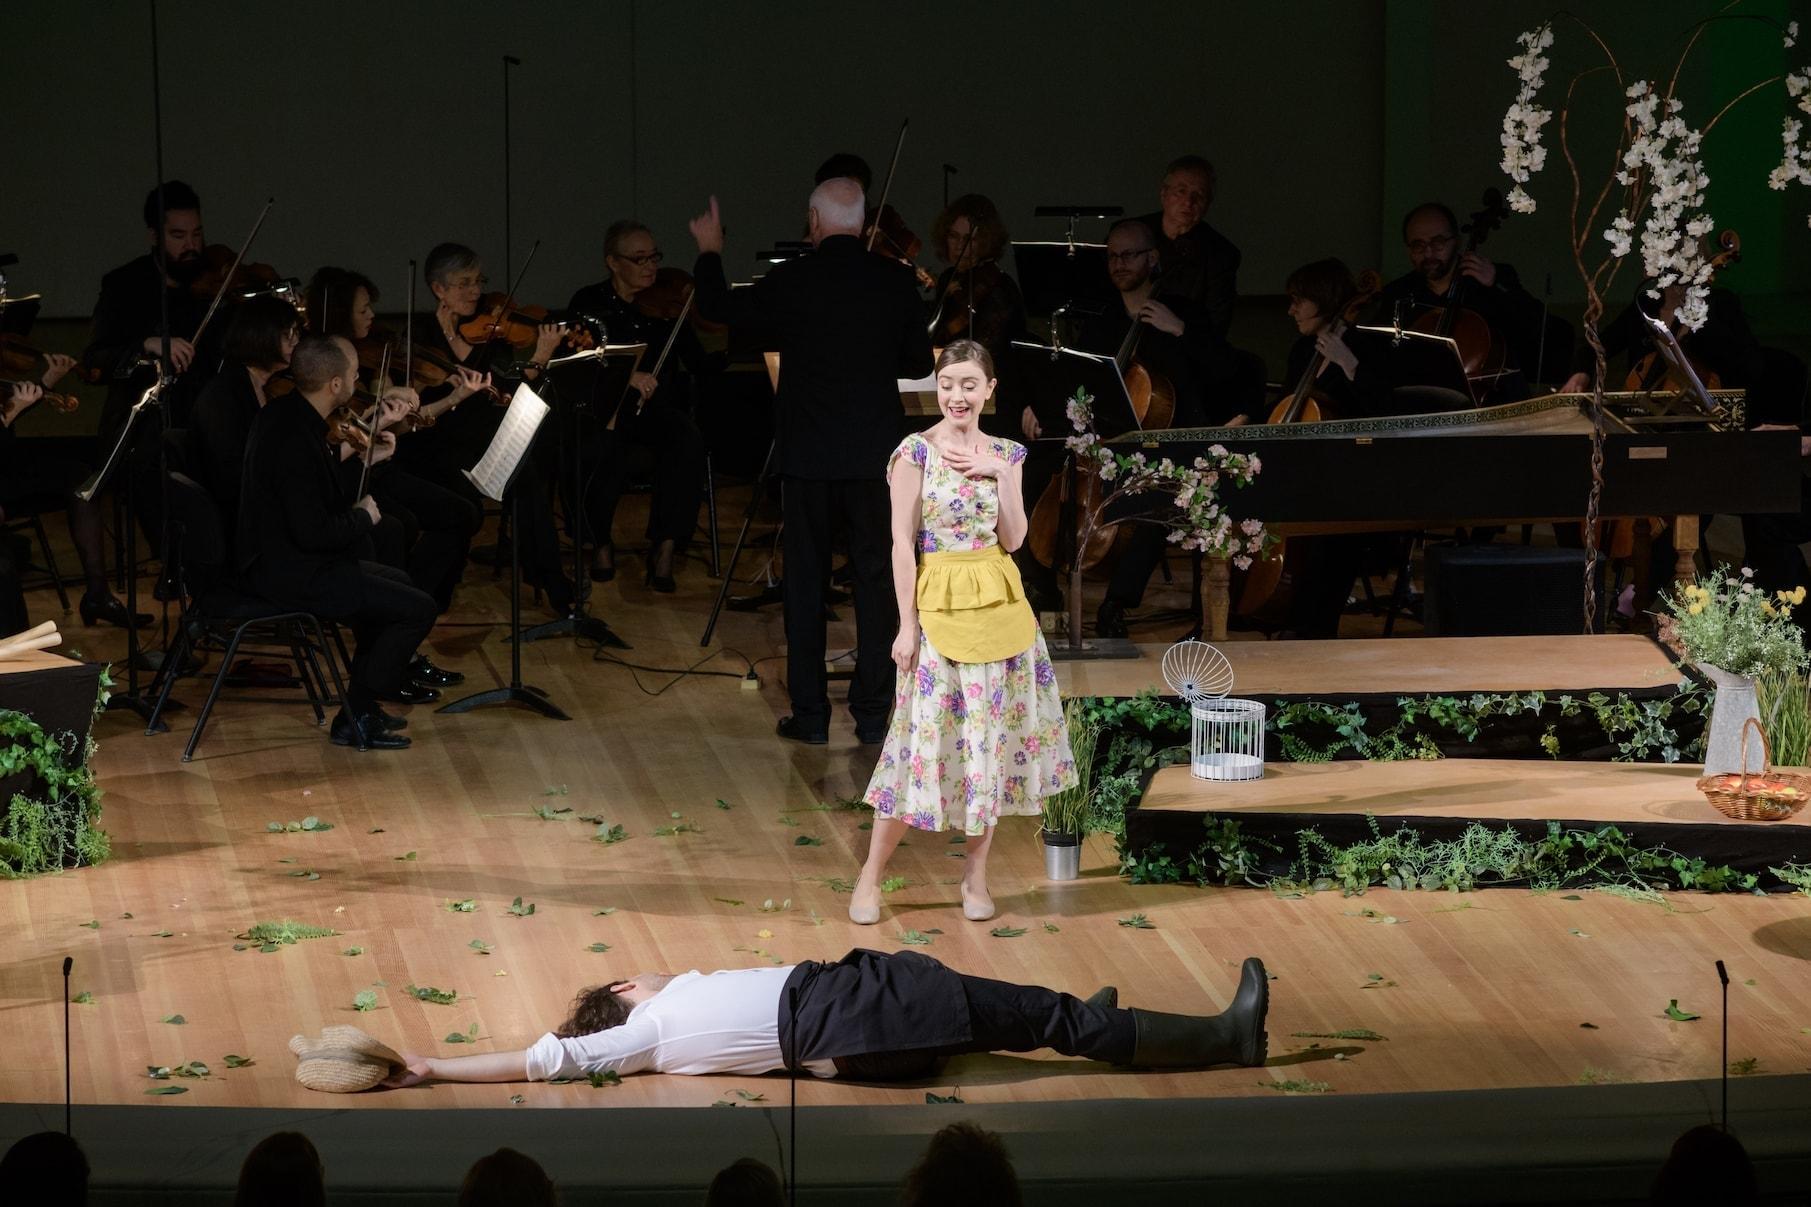 Опера Моцарта «Мнимая садовница». Серпетта - Лорен Лодж-Кэмпбелл, Роберто - Сретен Манойлович. Фото - пресс-служба МГАФ